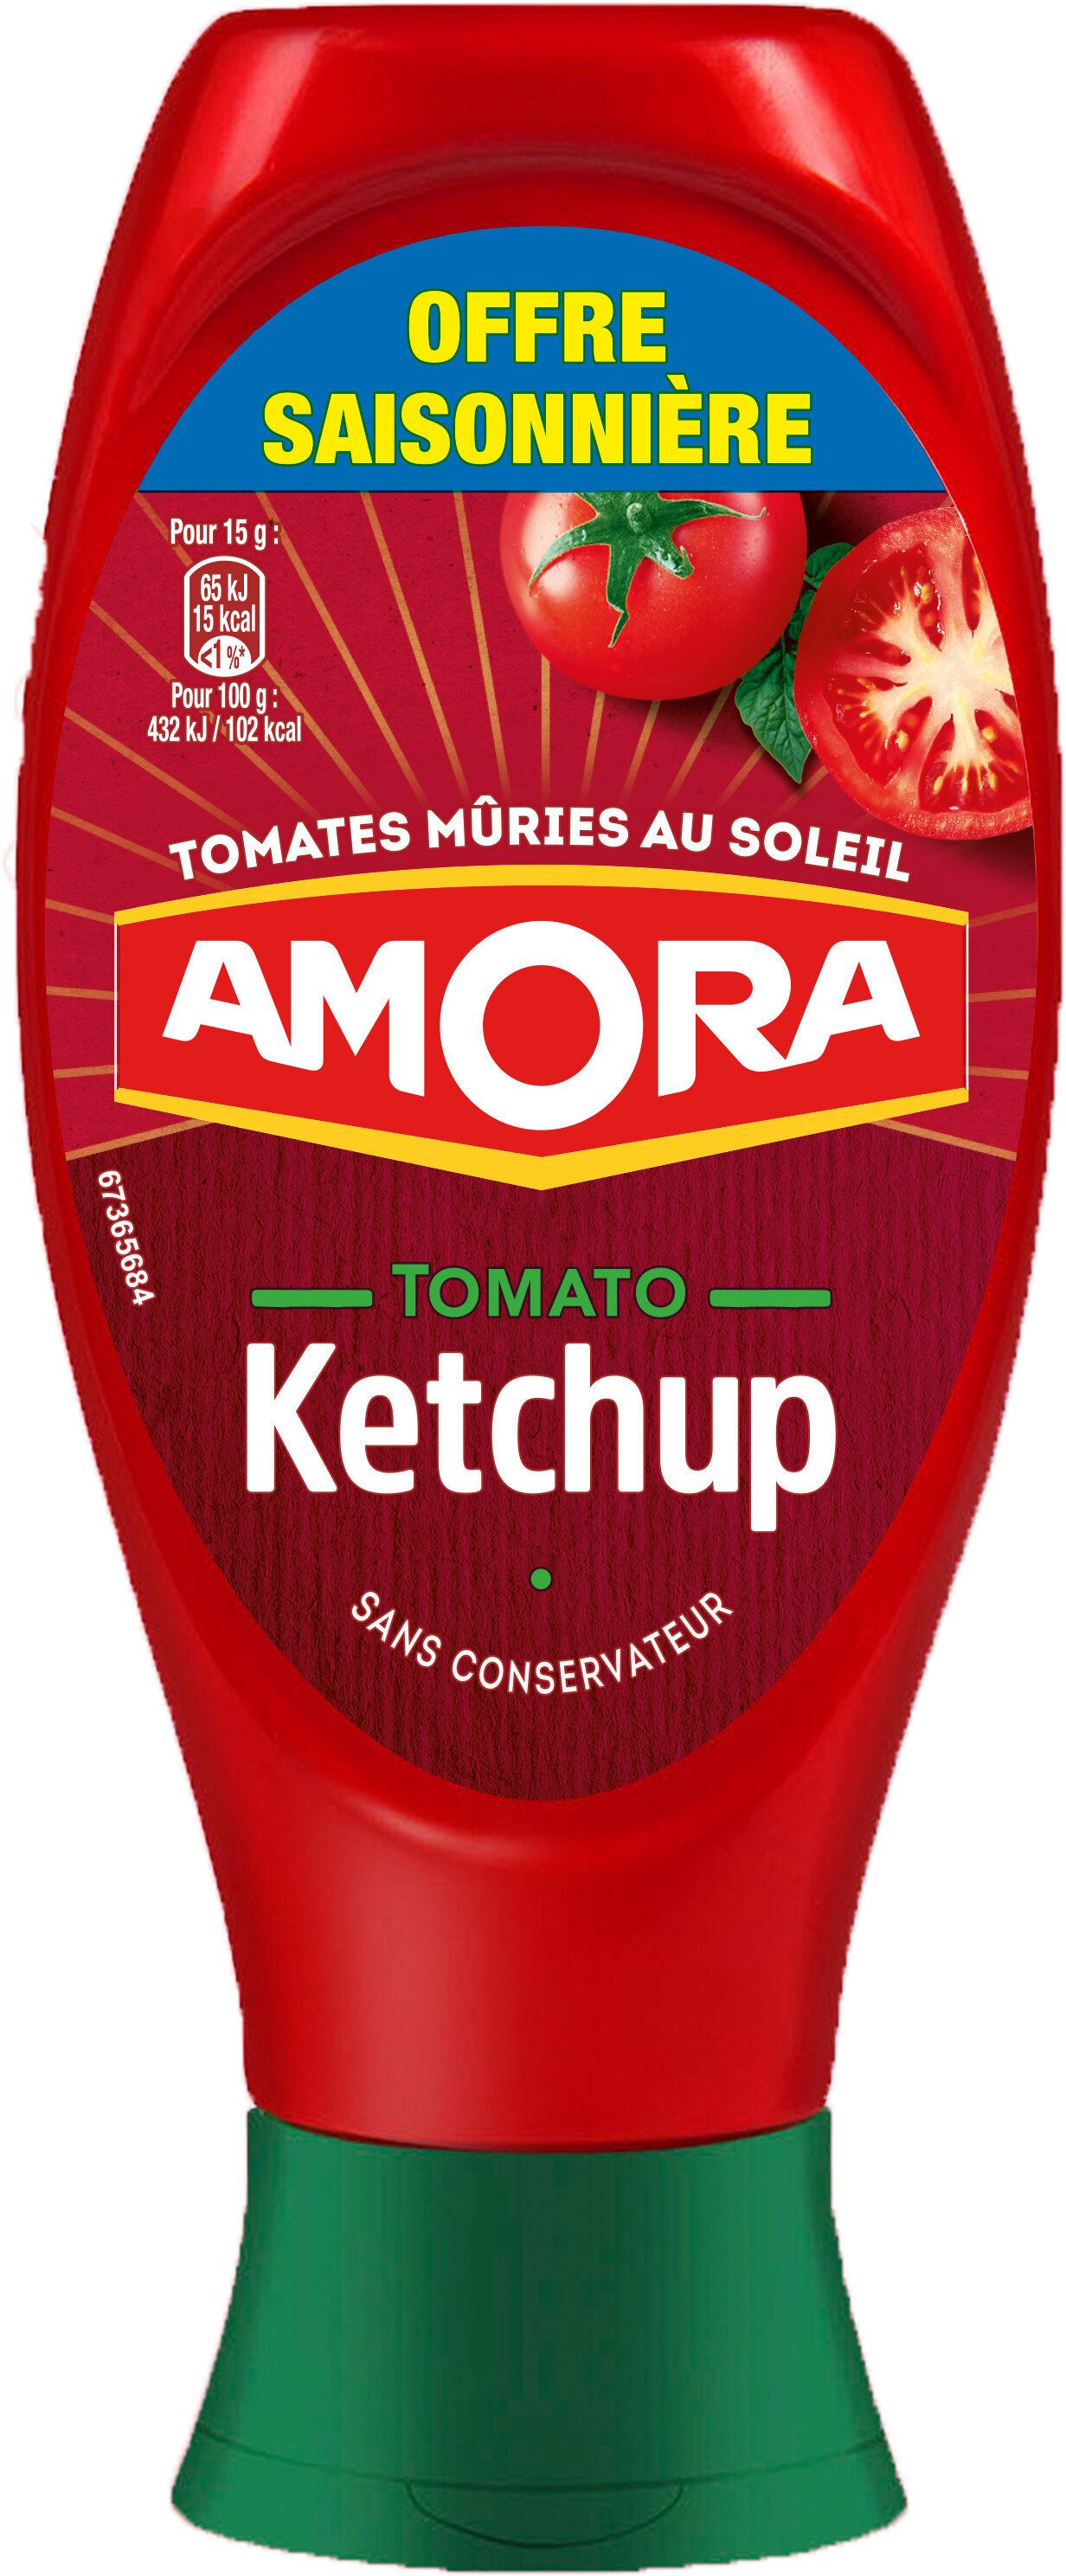 Amora Ketchup Nature Flacon Souple 550g Offre Saisonnière - Product - fr